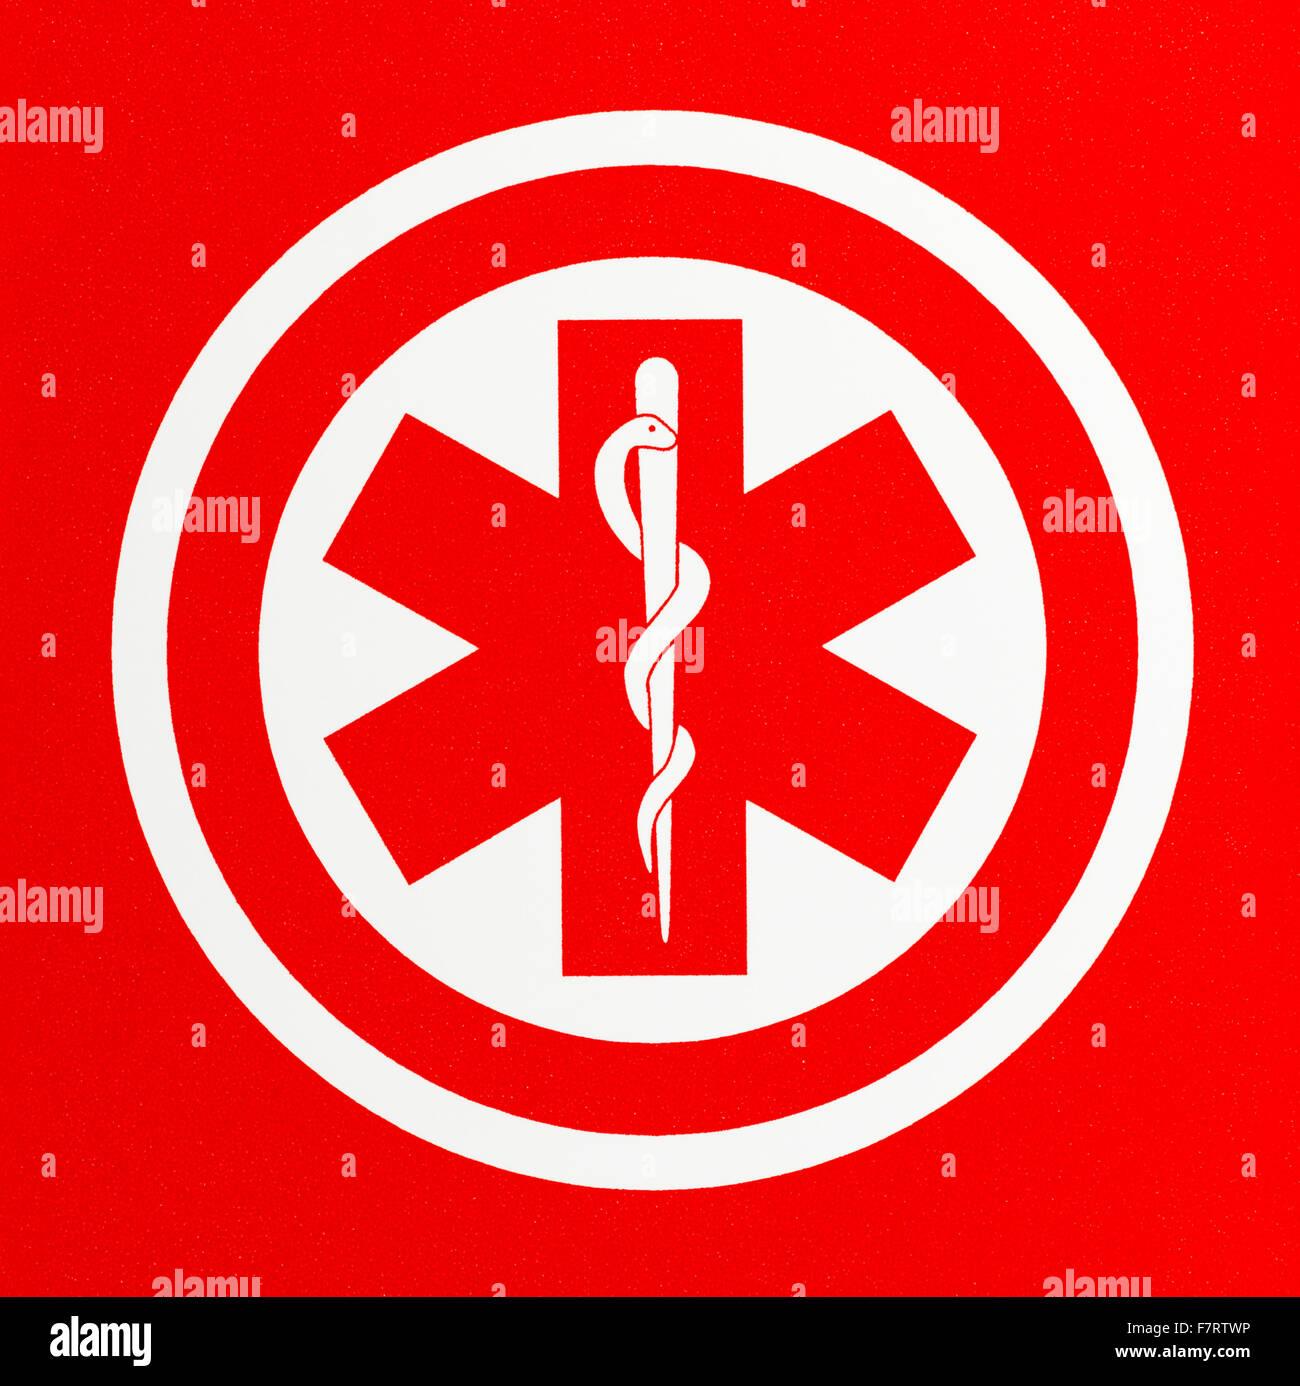 Soins de santé rouge caducée symbole en cercle. Photo Stock